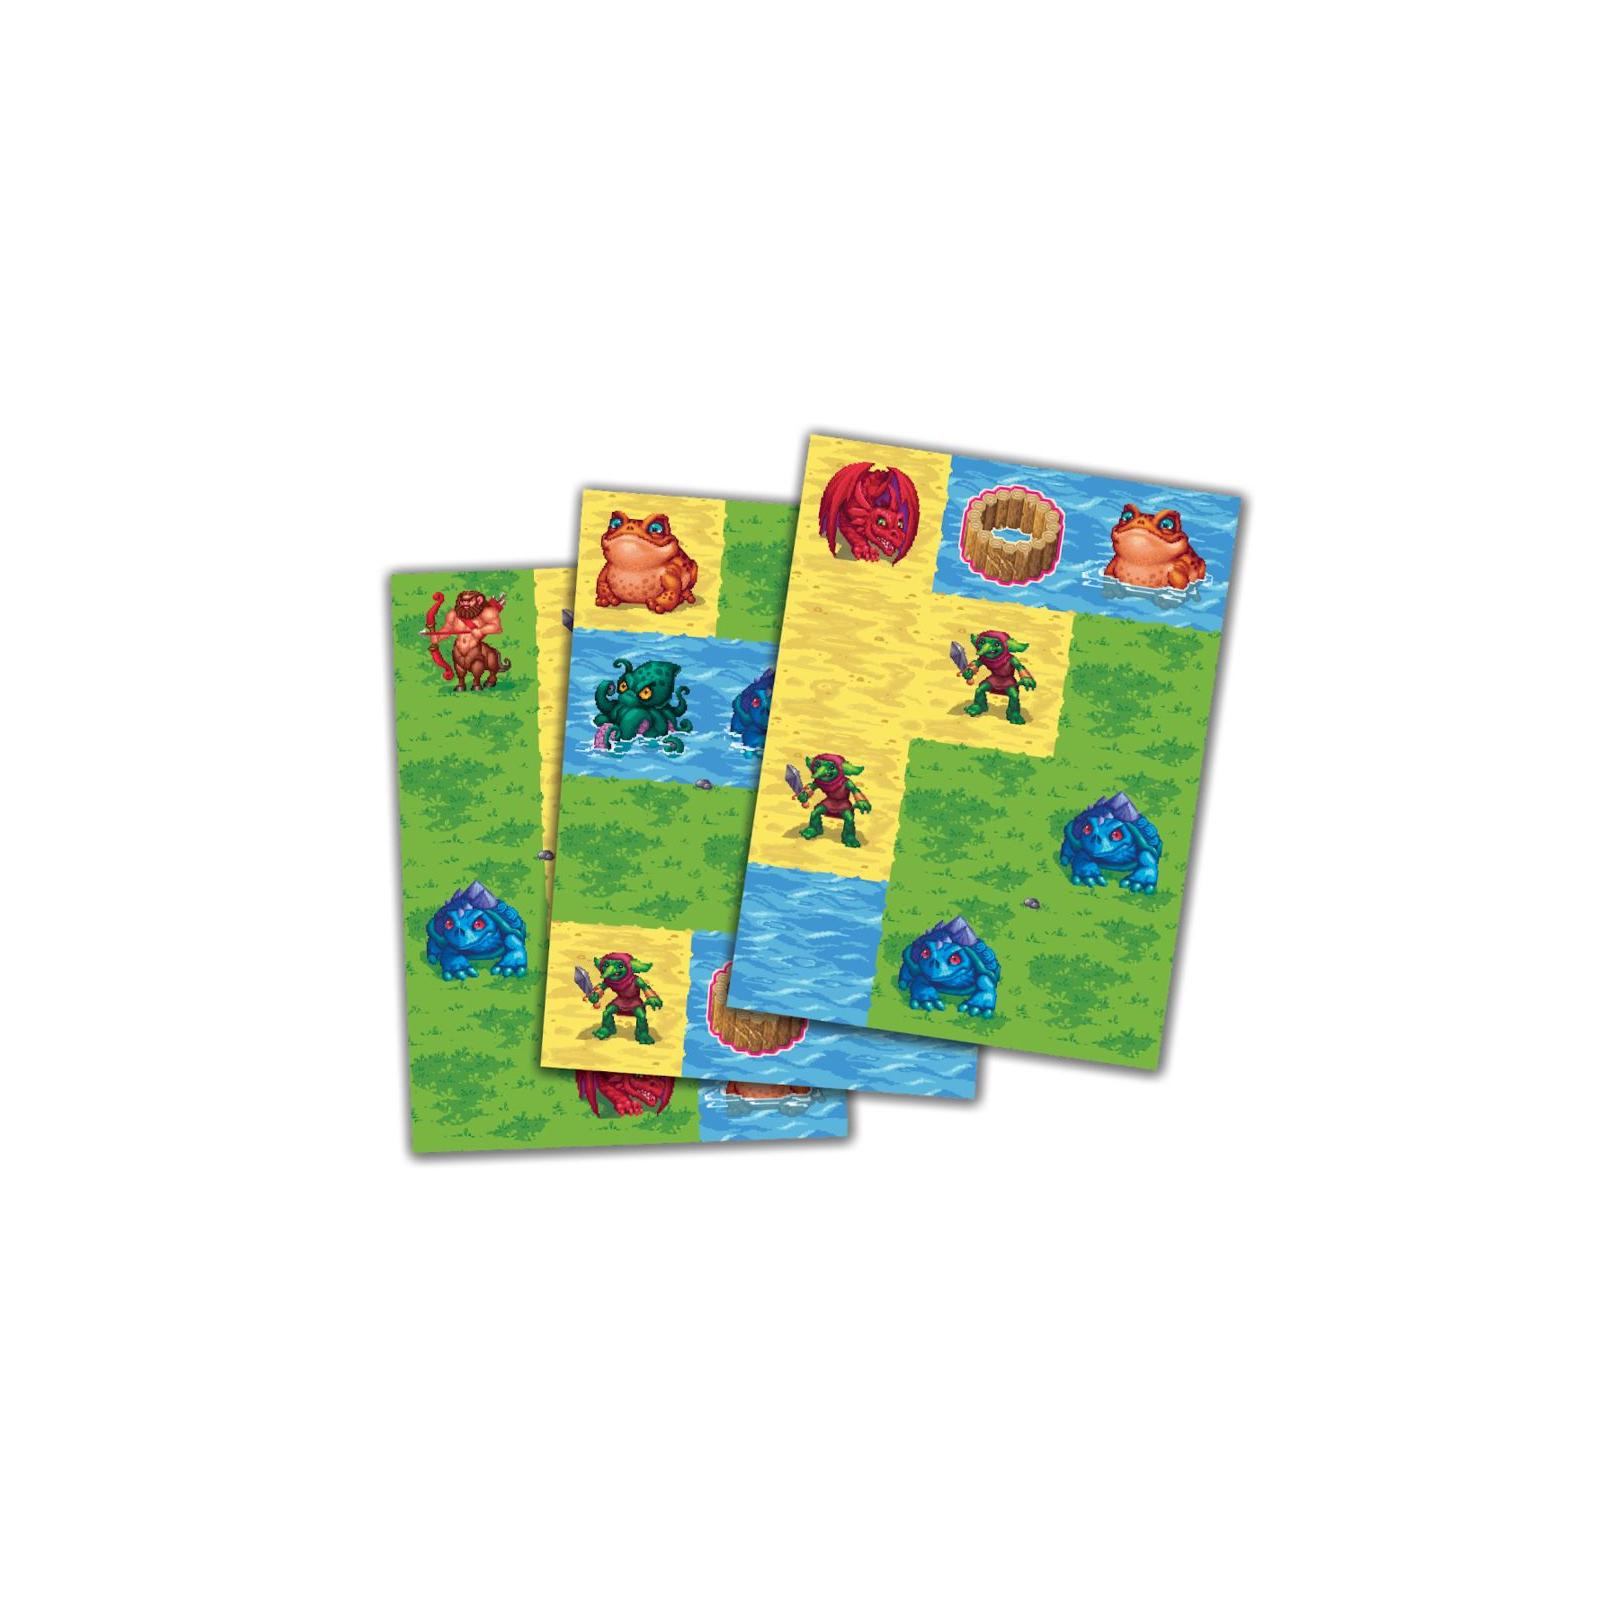 Настольная игра Hobby World Cutterland. Класика 10+ (915197) изображение 3